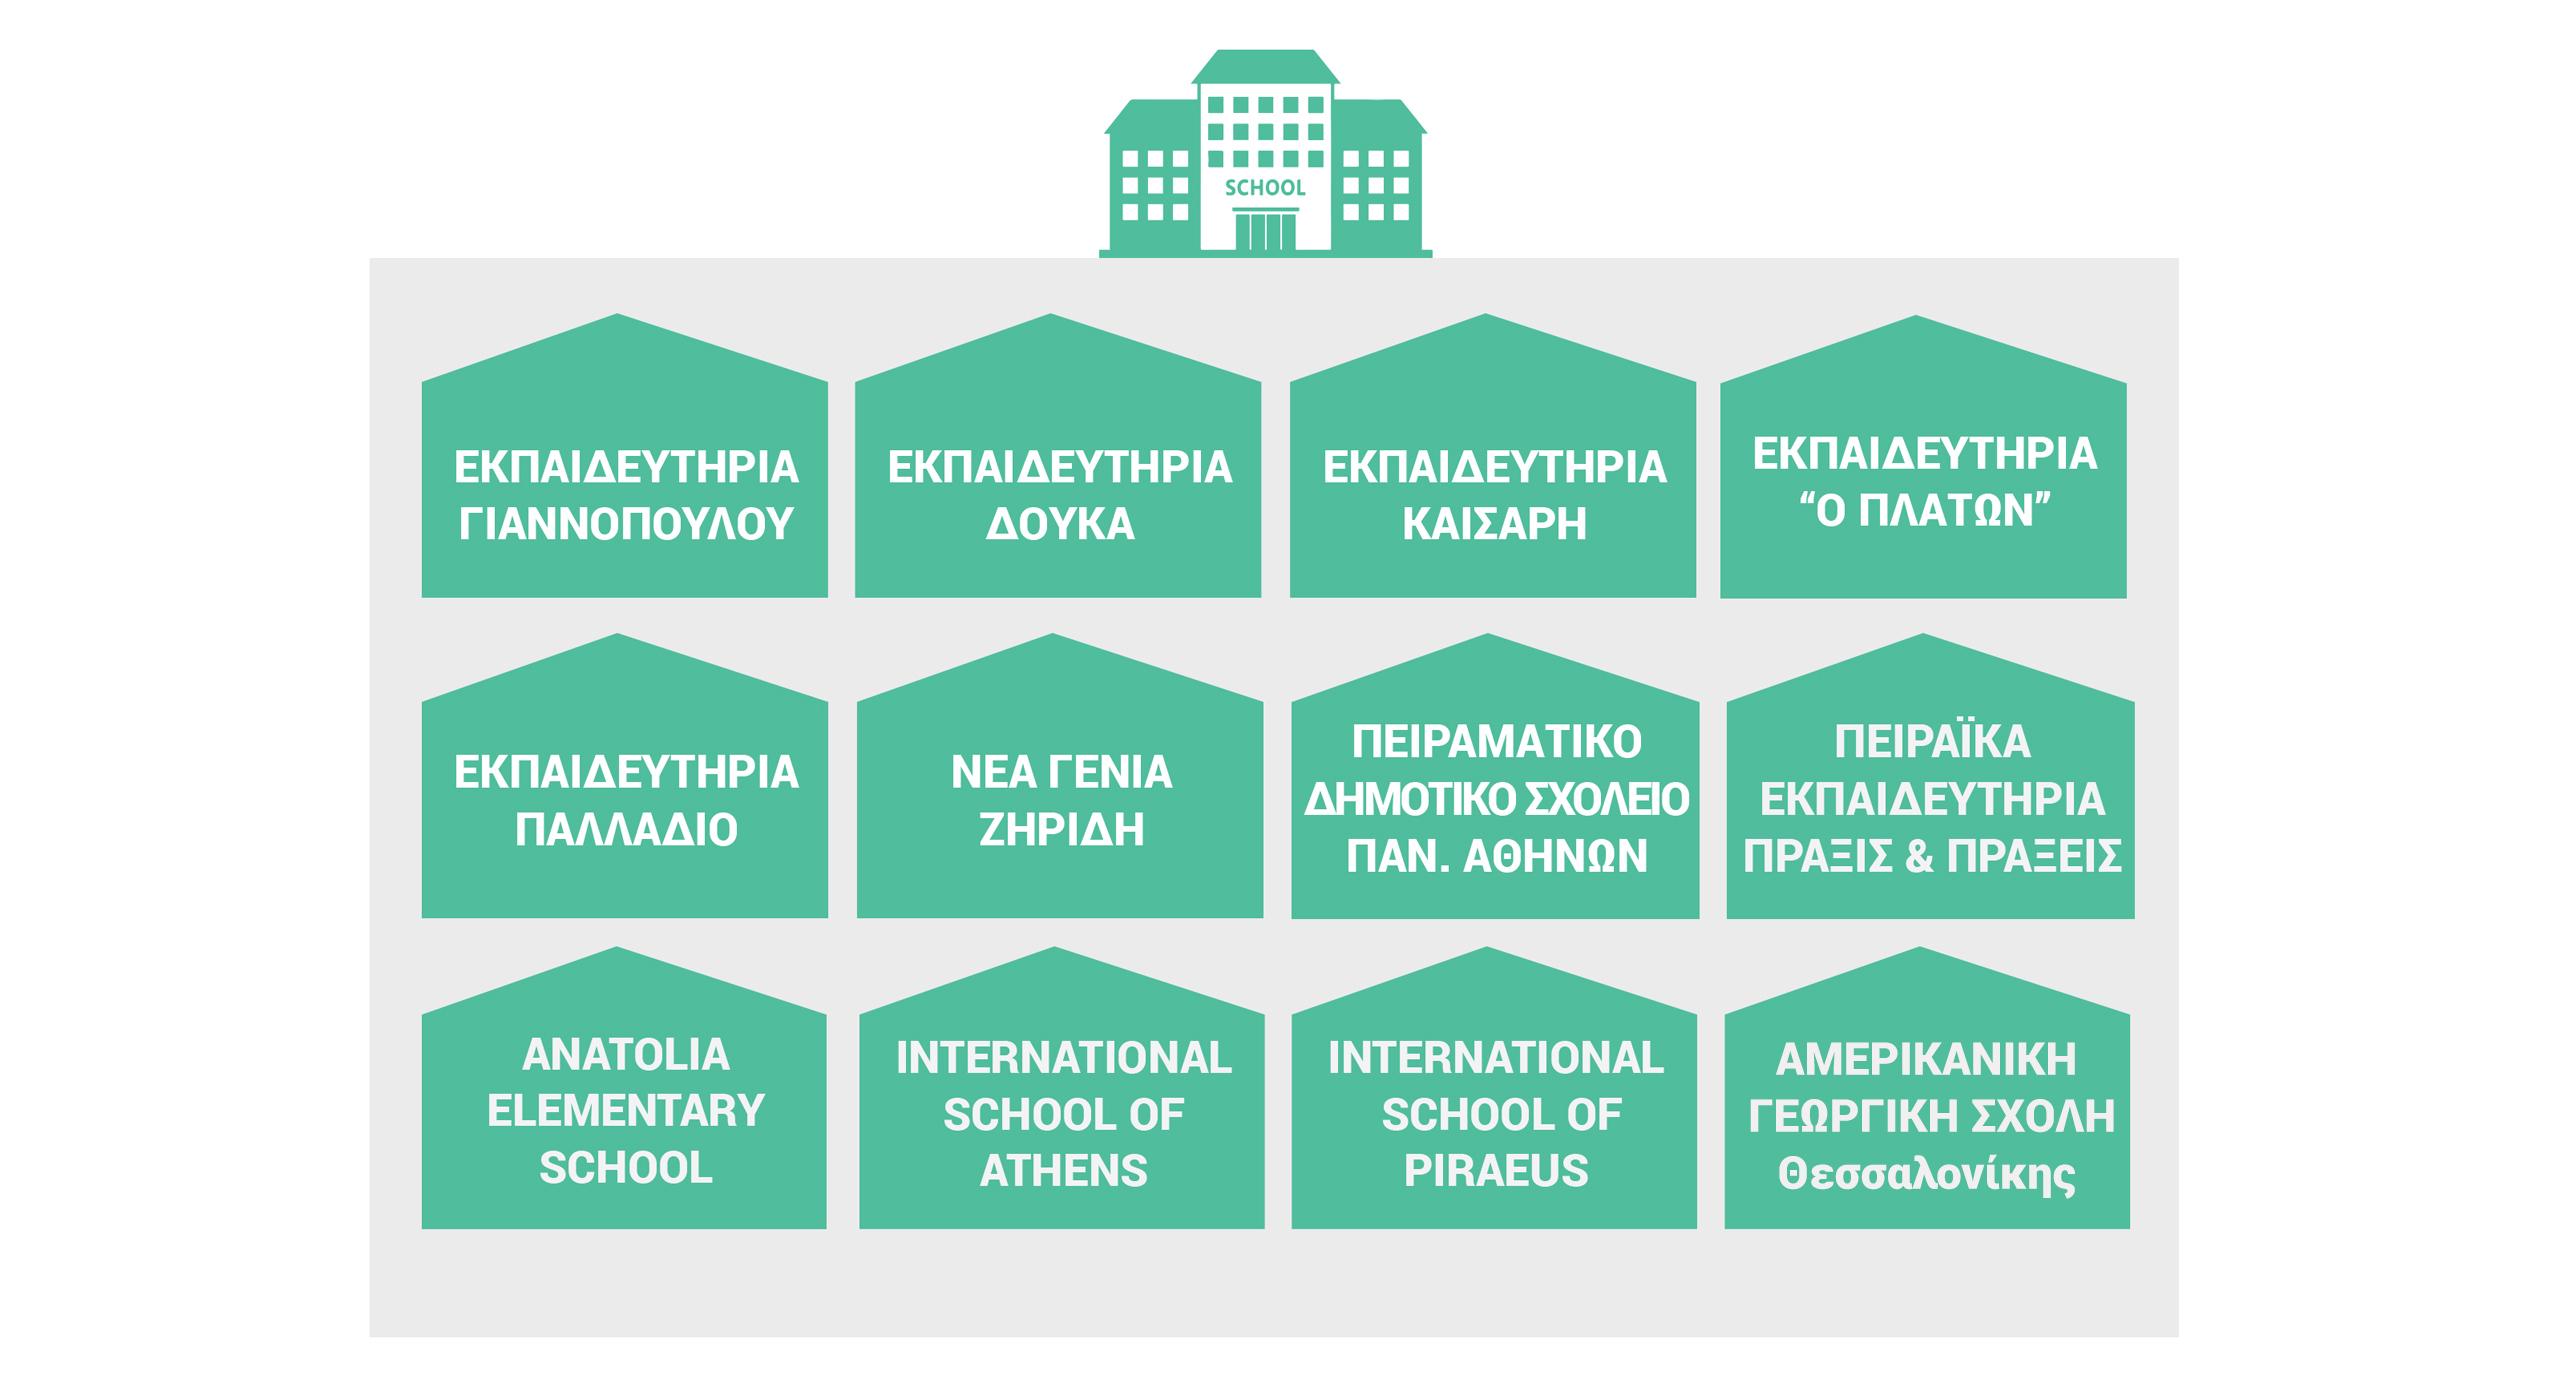 """Σχολεία που συμμετείχαν: ΕΚΠΑΙΔΕΥΤΗΡΙΑ ΓΙΑΝΝΟΠΟΥΛΟΥ, ΕΚΠΑΙΔΕΥΤΗΡΙΑ ΔΟΥΚΑ, EΚΠΑΙΔΕΥΤΗΡΙΑ ΚΑΙΣΑΡΗ, ΕΚΠΑΙΔΕΥΤΗΡΙΑ """"O ΠΛΑΤΩΝ"""", ΕΚΠΑΙΔΕΥΤΗΡΙΑ ΠΑΛΛΑΔΙΟ, ΝΕΑ ΓΕΝΙΑ ΖΗΡΙΔΗ, ΠΕΙΡΑΜΑΤΙΚΟ ΔΗΜΟΤΙΚΟ ΣΧΟΛΕΙΟΠΑΝ. ΑΘΗΝΩΝ, ΠΕΙΡΑΪΚΑ ΕΚΠΑΙΔΕΥΤΗΡΙΑΠΡΑΞΙΣ & ΠΡΑΞΕΙΣ, ANATOLIA ELEMENTARY SCHOOL, INTERNATIONAL SCHOOL OF ATHENS, INTERNATIONAL SCHOOL OF PIRAEUS"""